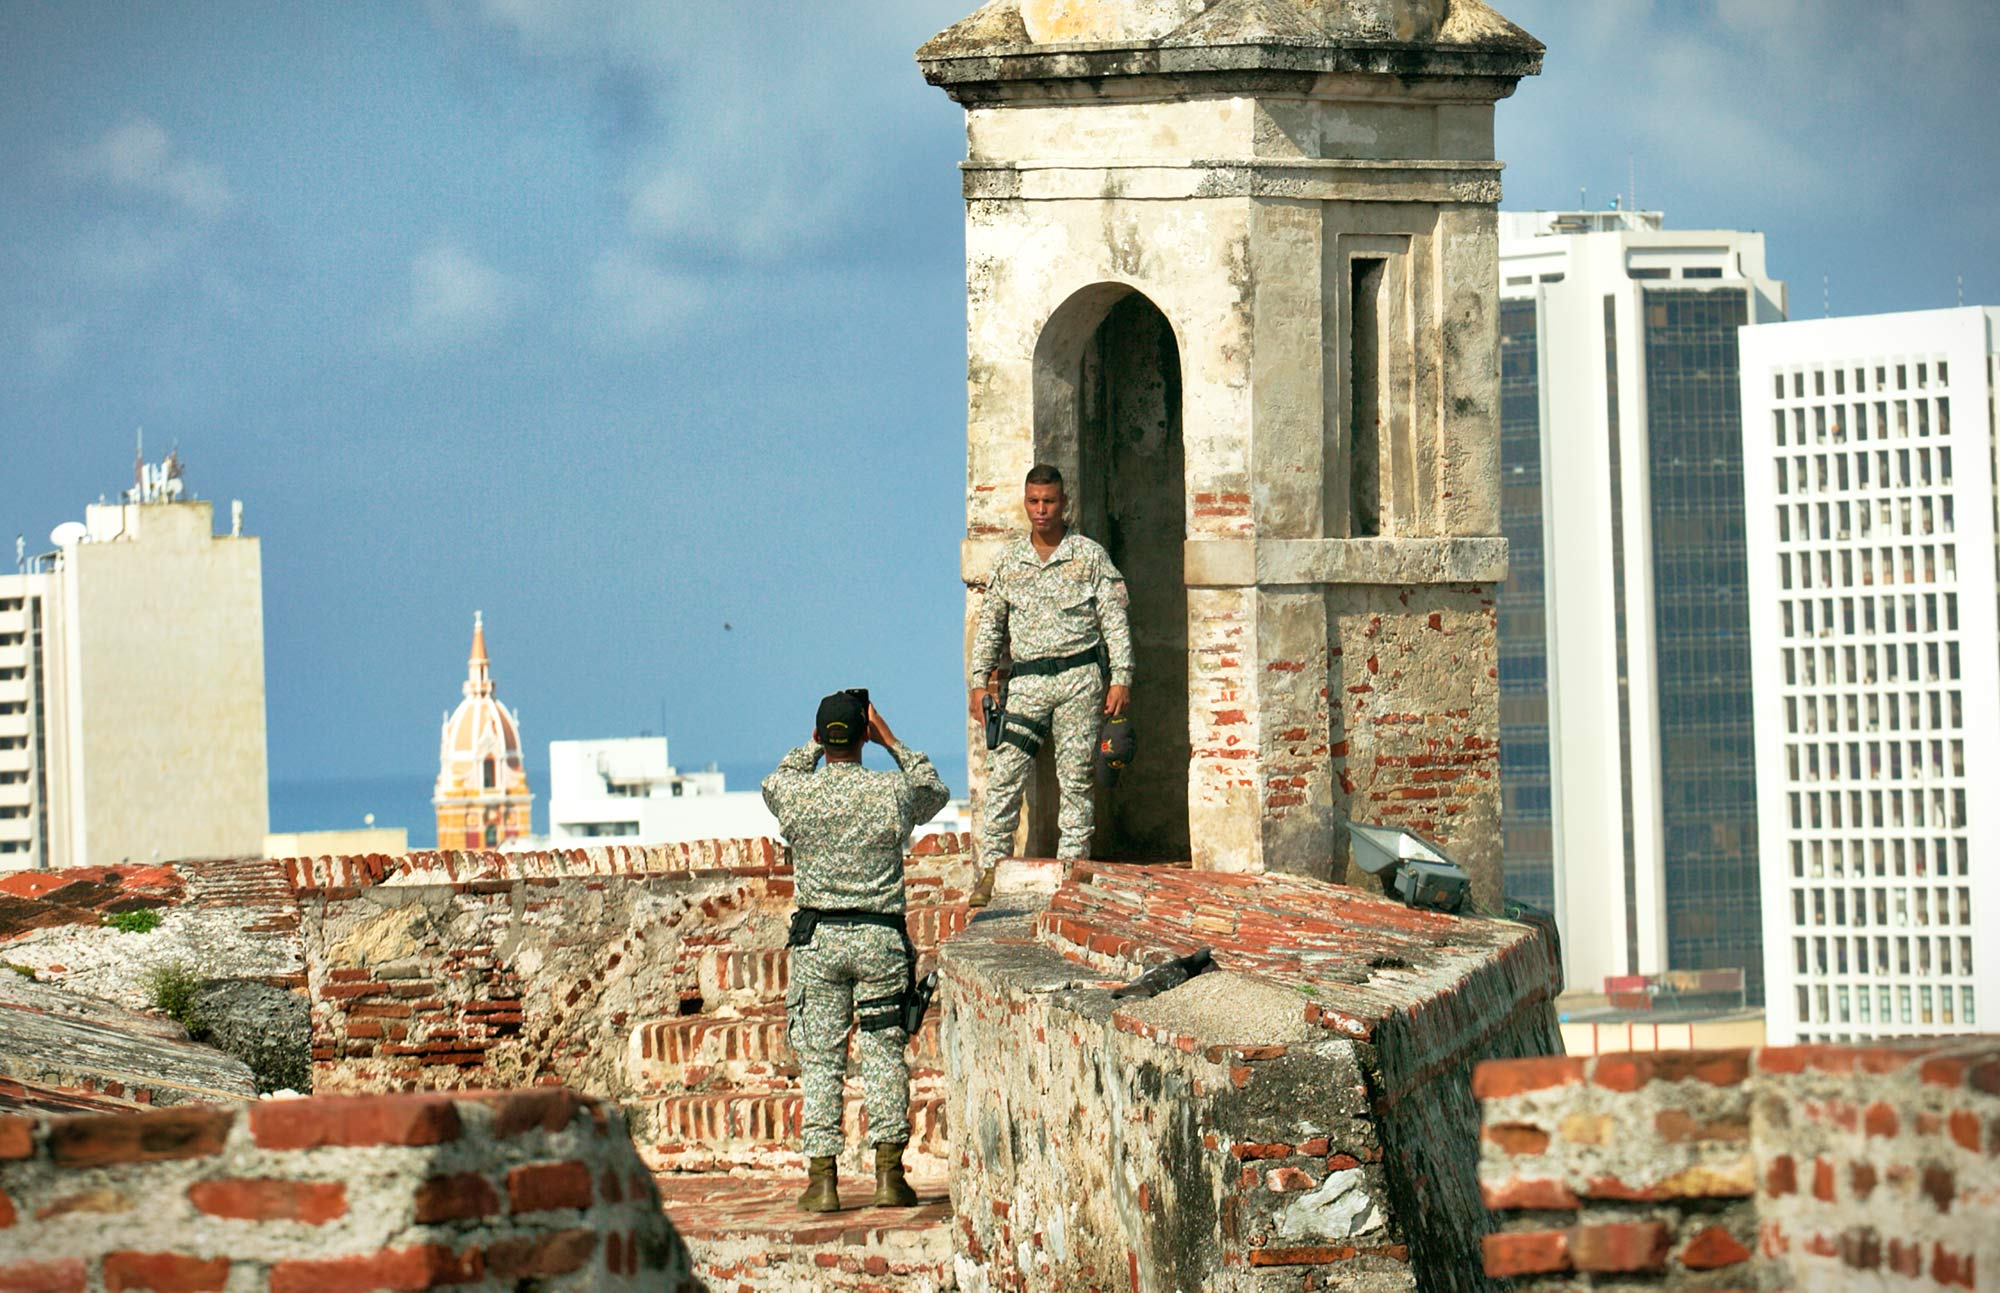 Soldier poses at Castillo San Felipe de Barajas